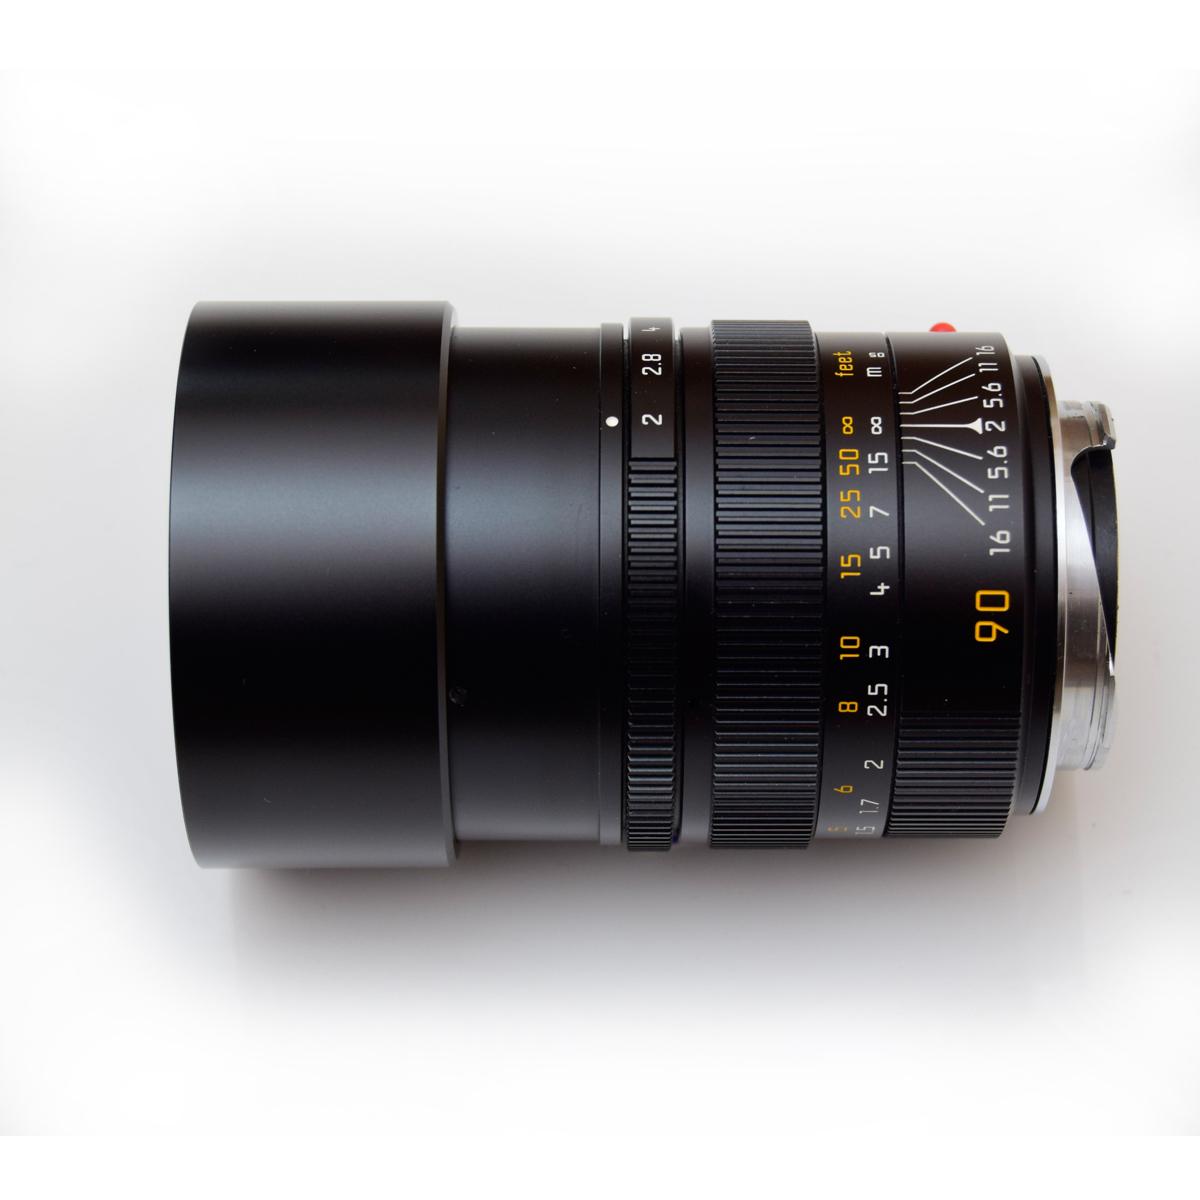 ★LEICA ★ライカ summicron-M ズミクロン 90mm F2 E55